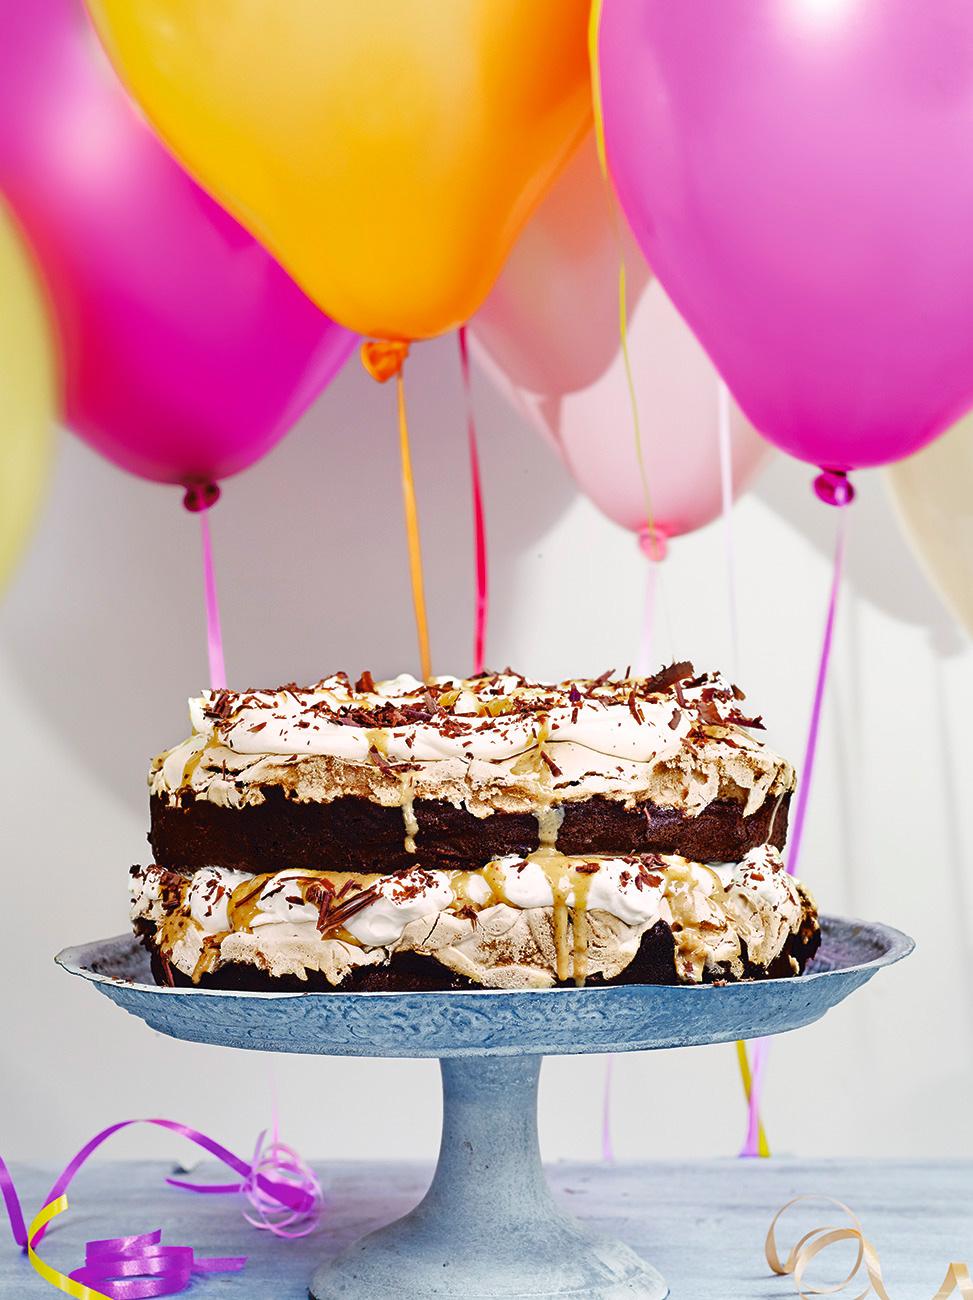 Jamie Oliver Chocolate Surprise Cake